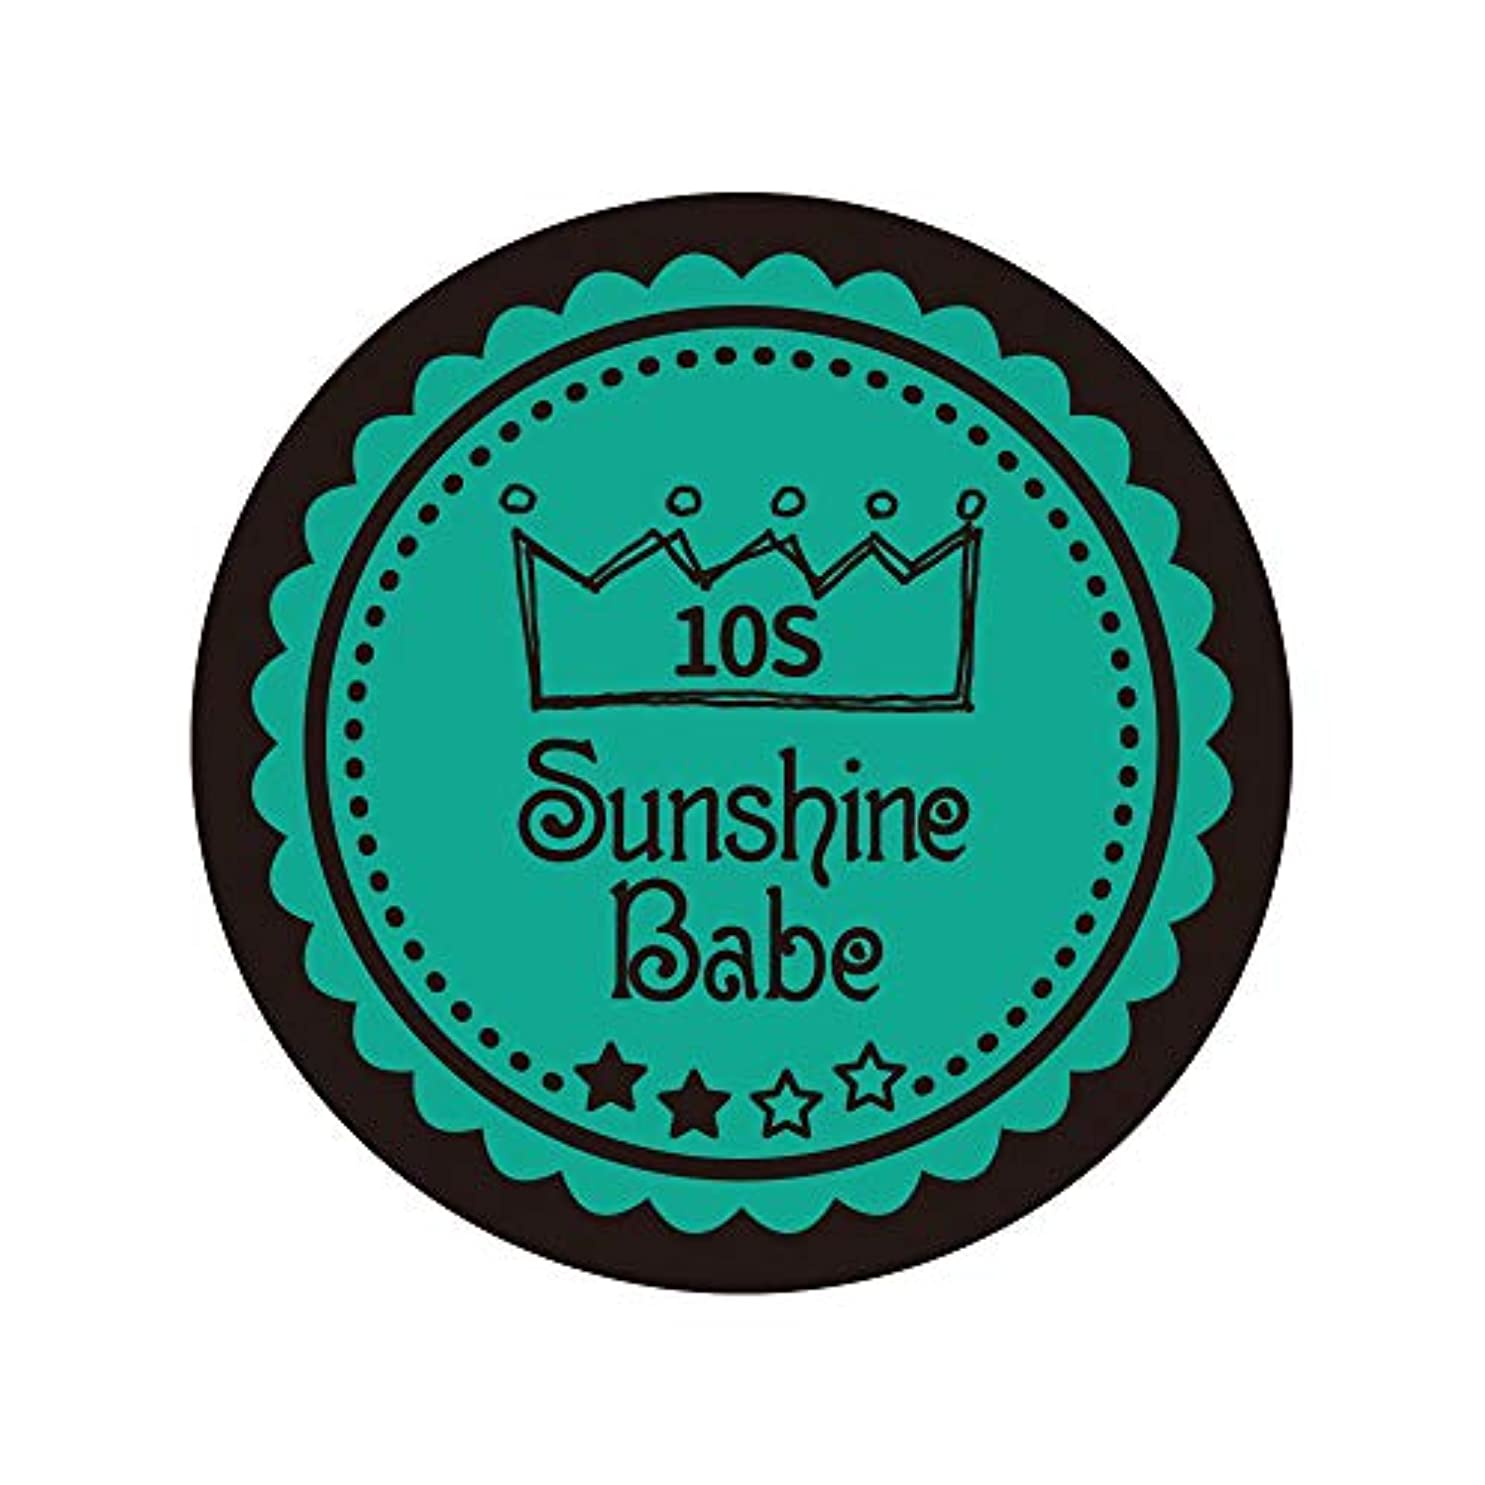 公腸ラップSunshine Babe カラージェル 10S アルカディア 2.7g UV/LED対応